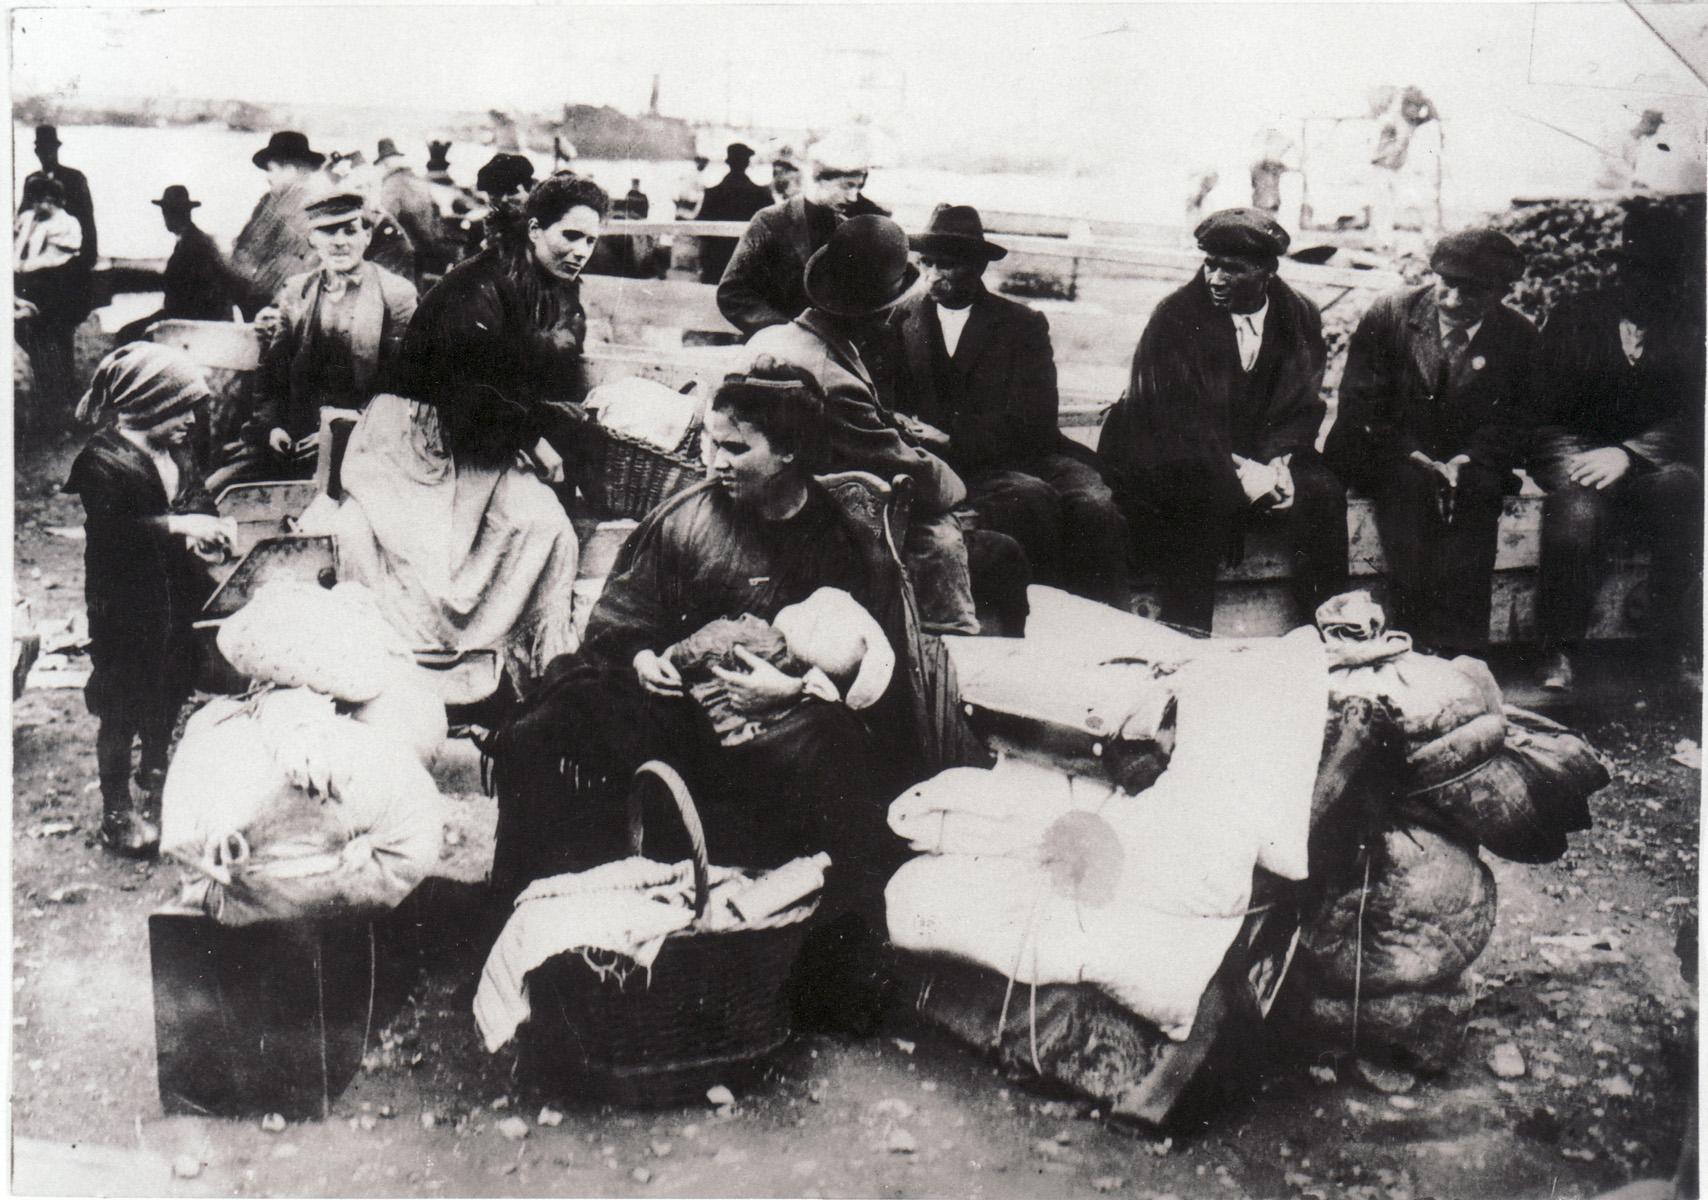 Emigranti in attesa della partenza nel porto di Genova (archivio W. Settimelli)